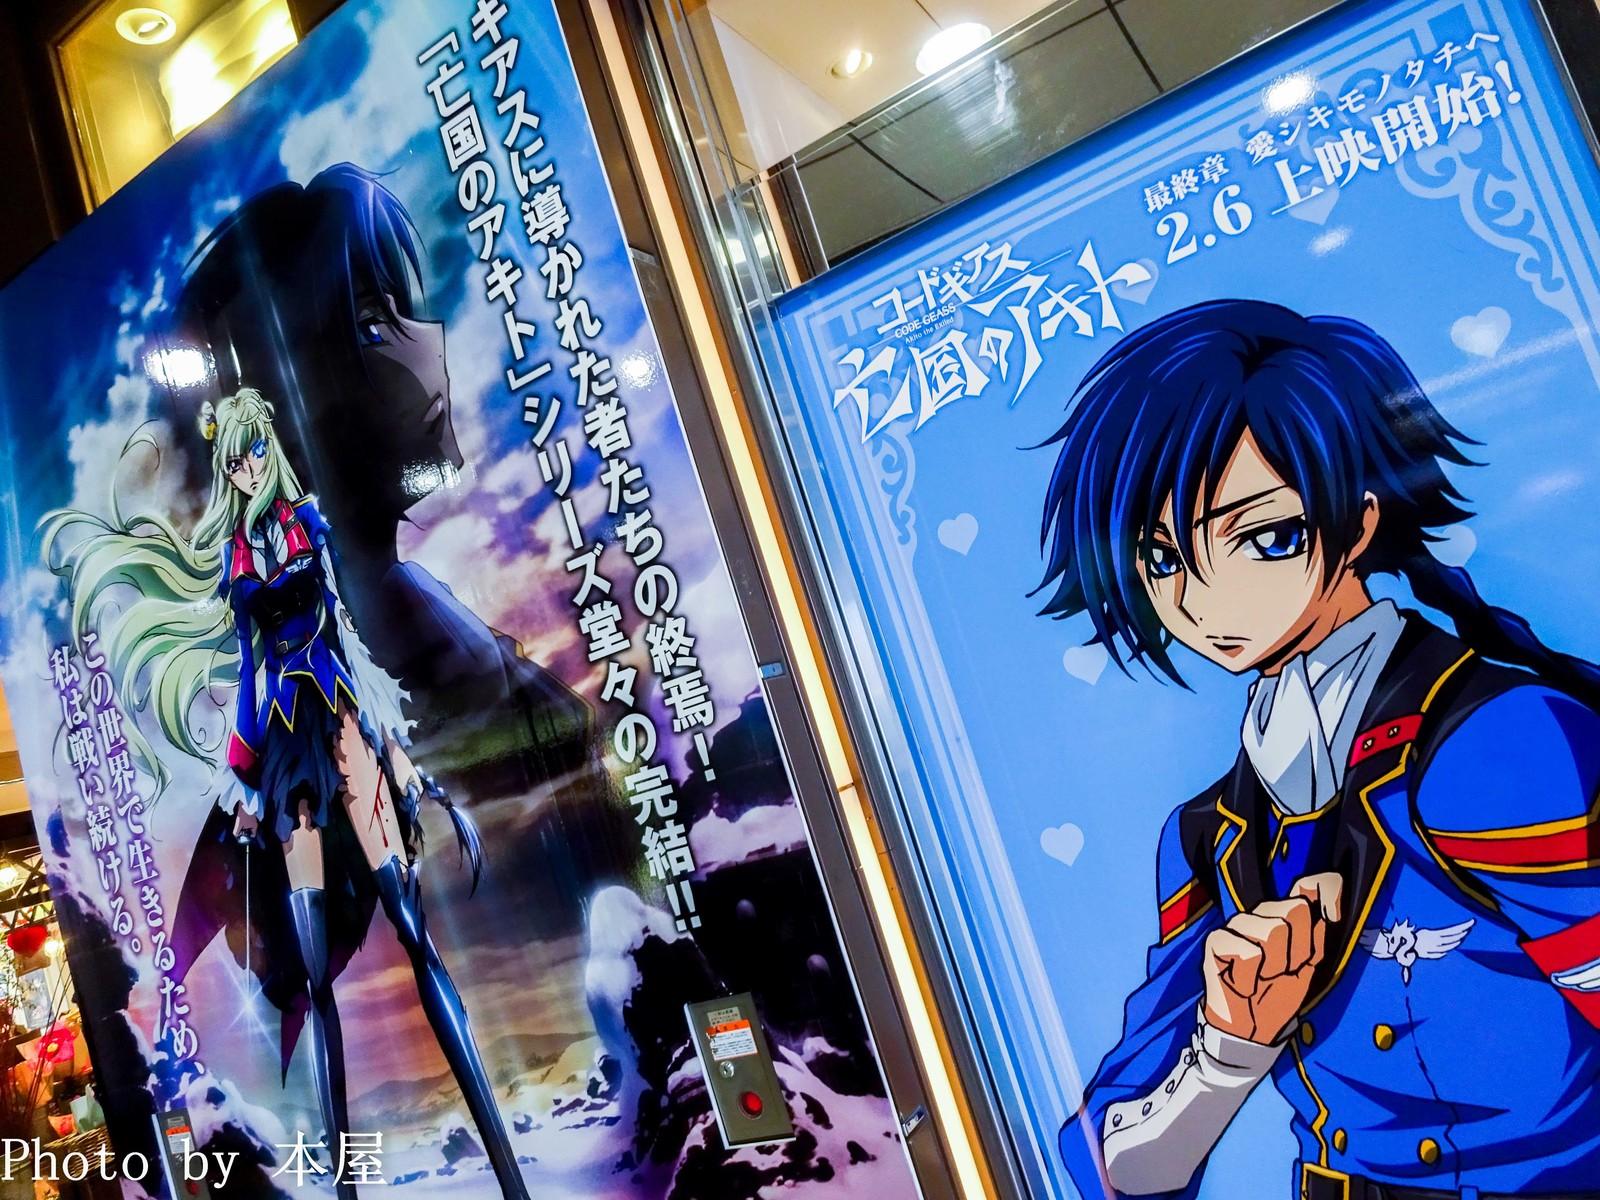 最終章 愛シキモノタチへ 劇場公開を記念した アトレ秋葉原 コード